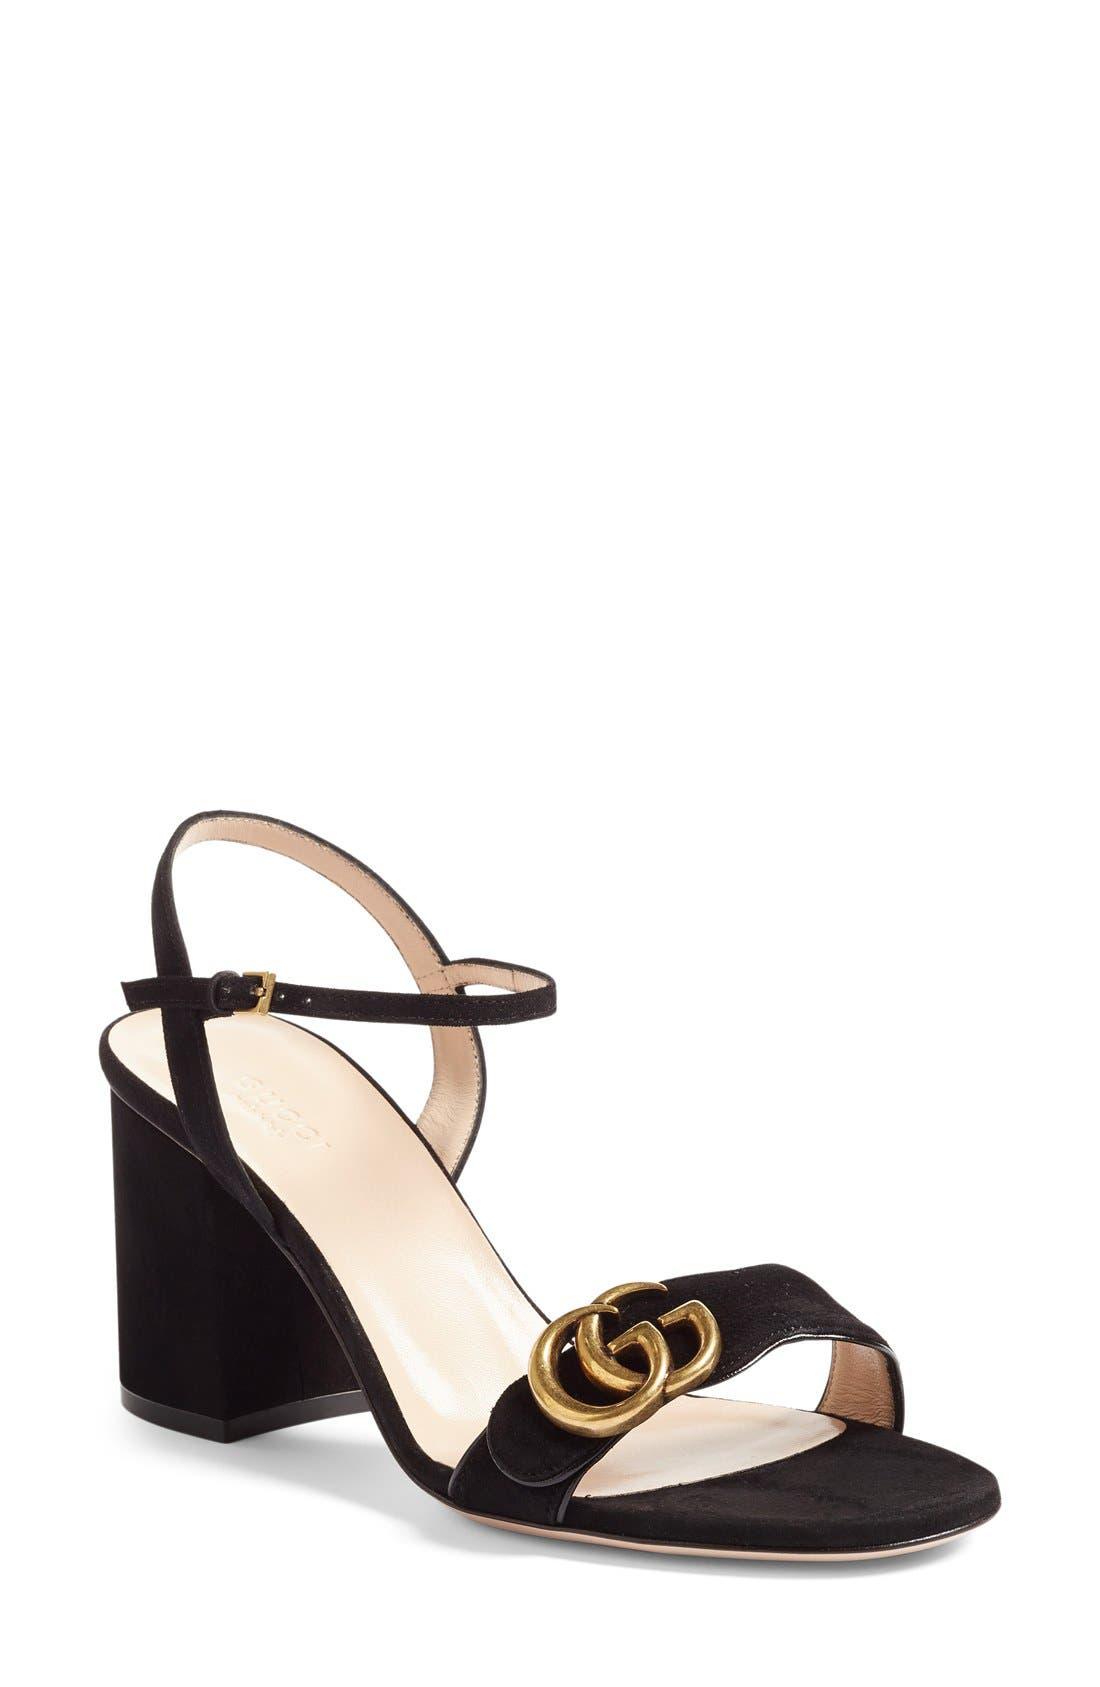 GG Marmont Sandal,                         Main,                         color, 001